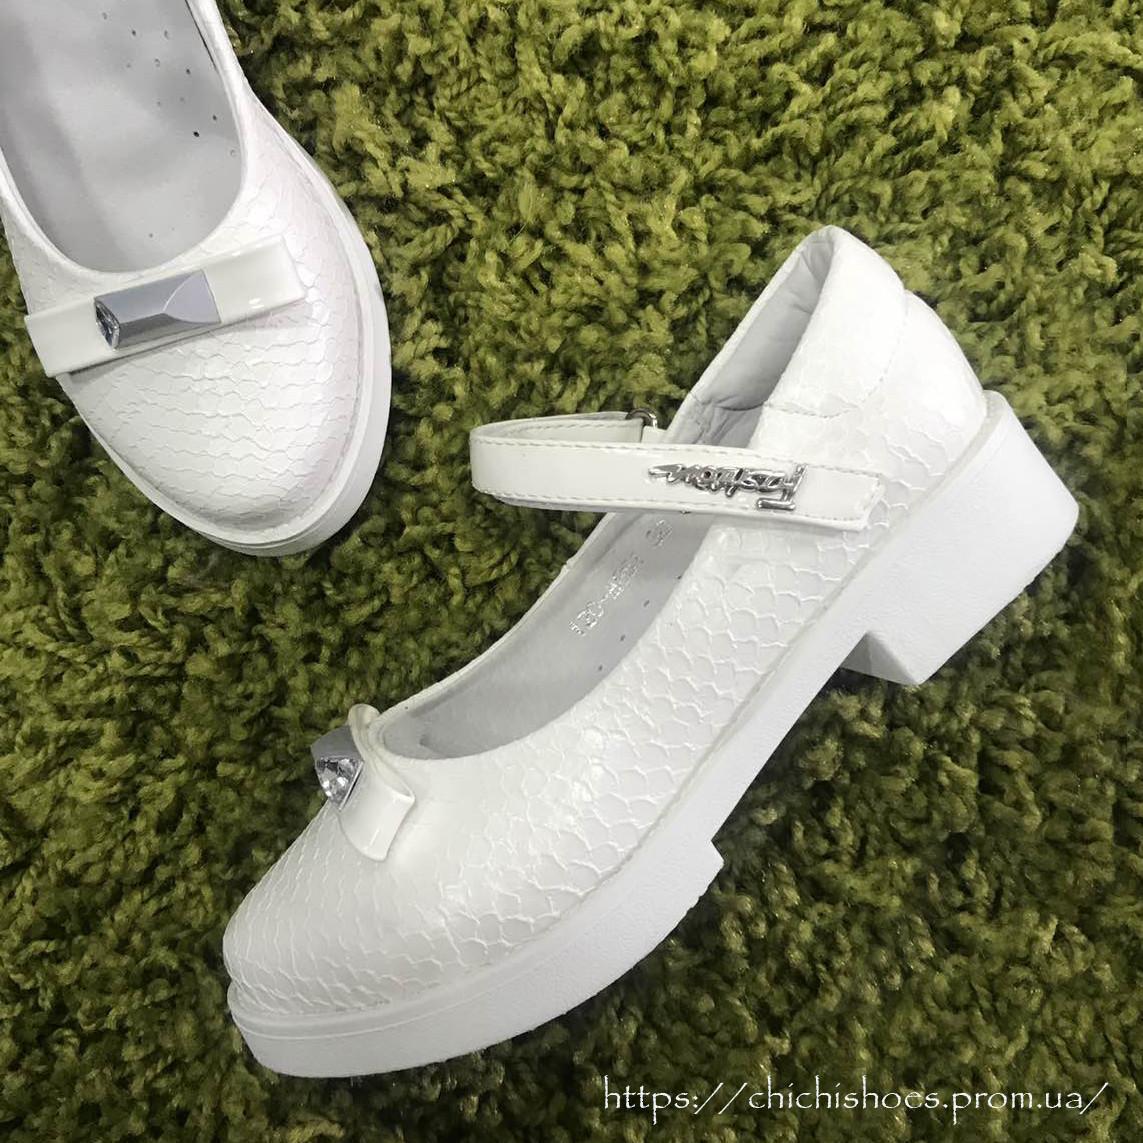 89d1ec811 Нарядные белые туфли для девочки 29-32 размер: продажа, цена в ...